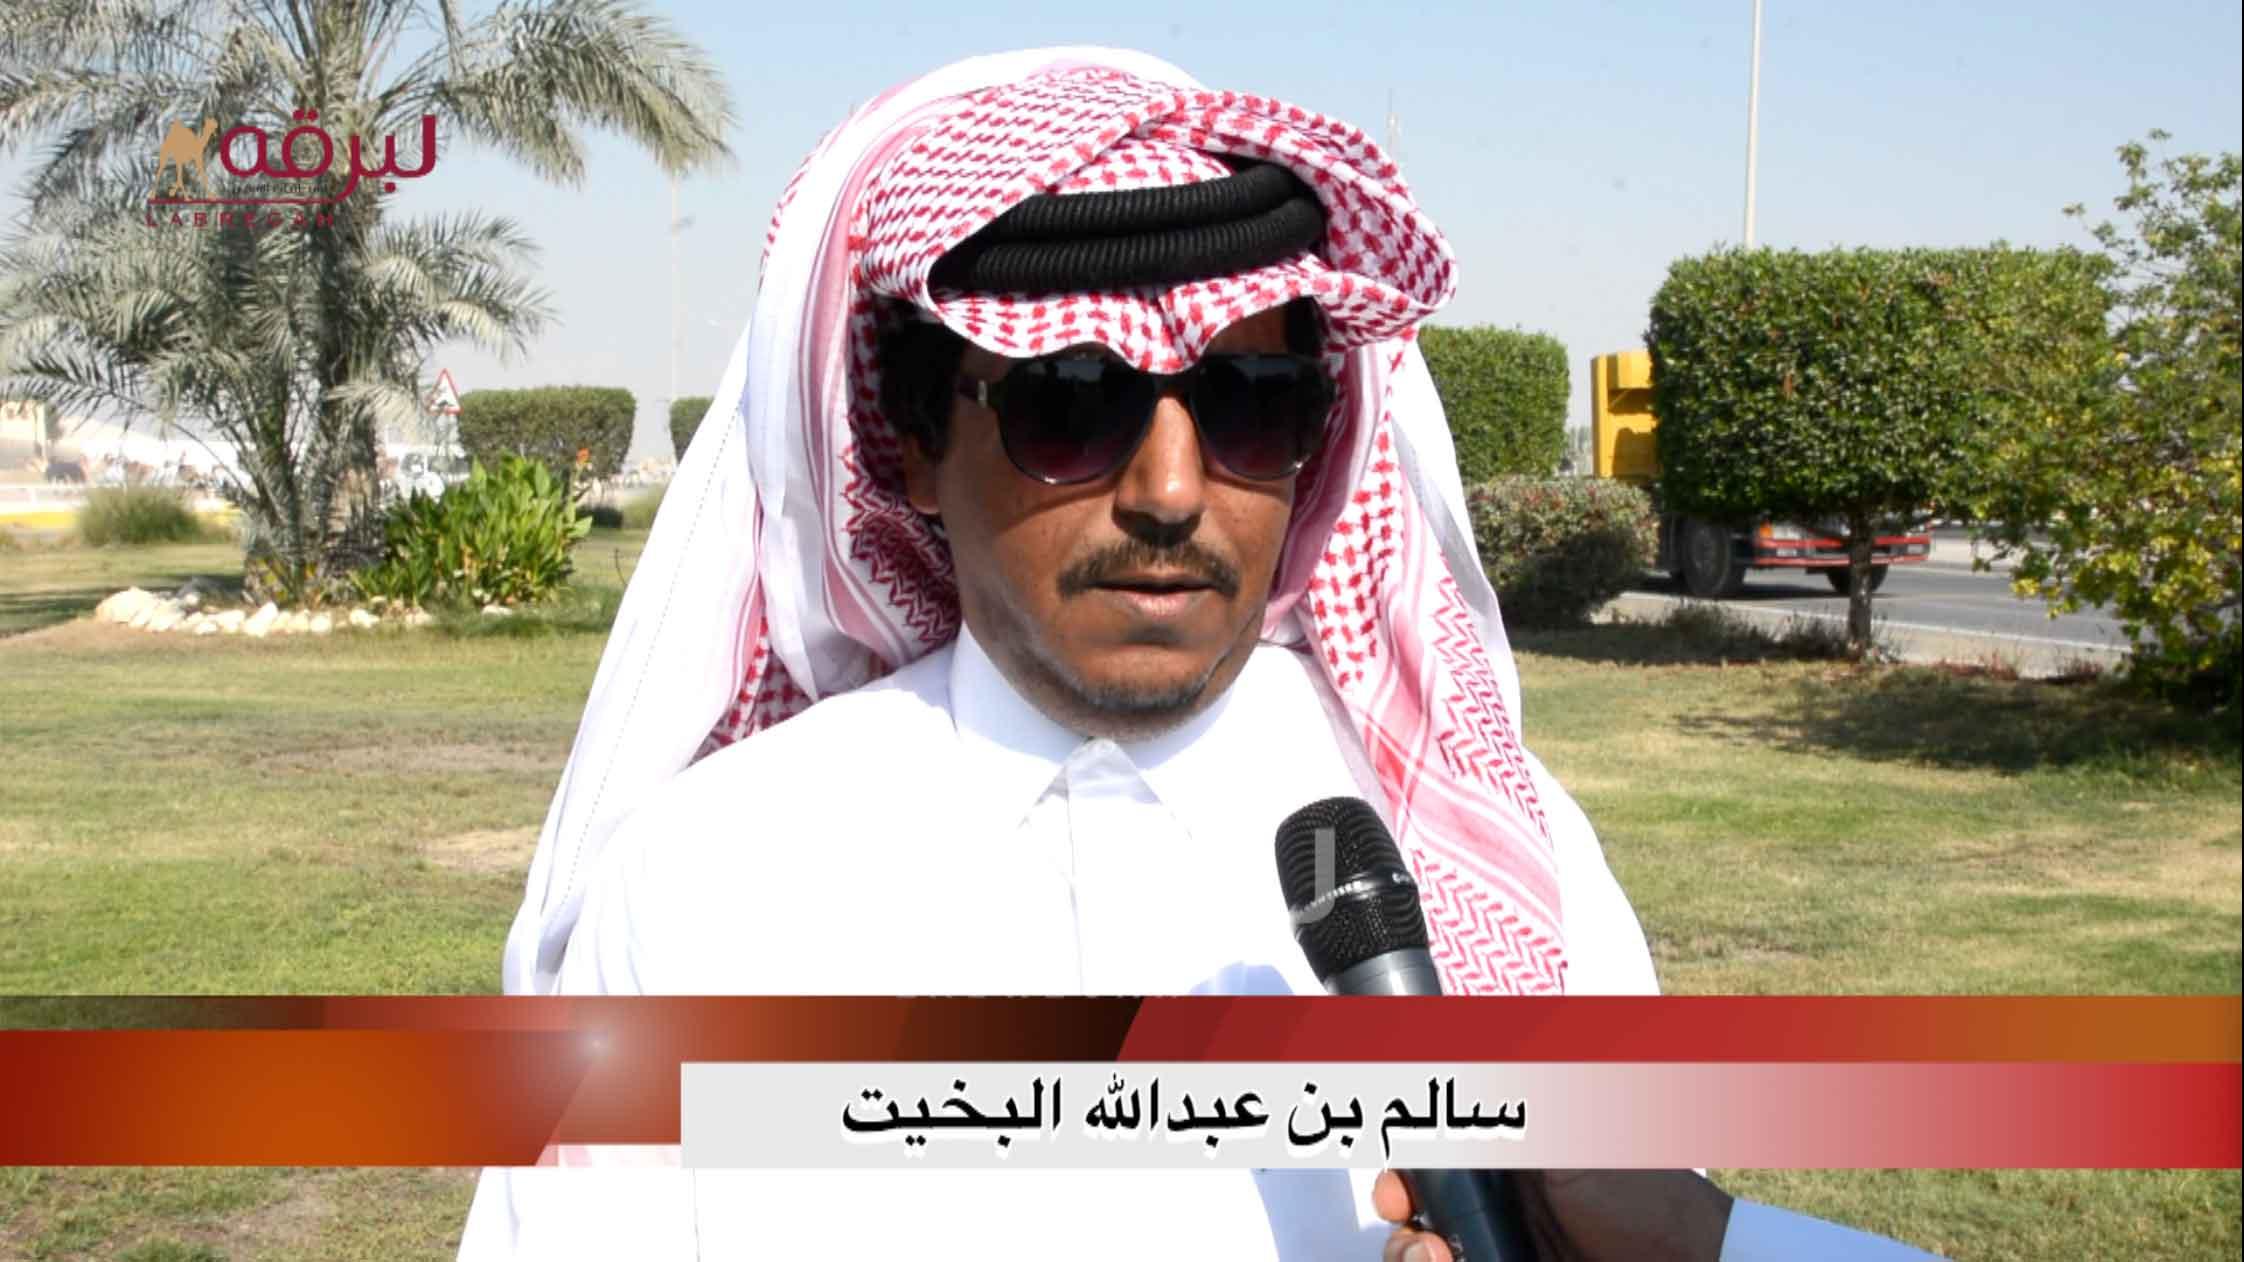 لقاء مع سالم بن عبدالله البخيت.. الشوط الرئيسي للجذاع قعدان إنتاج الأشواط العامة  ٢٤-١٠-٢٠٢٠